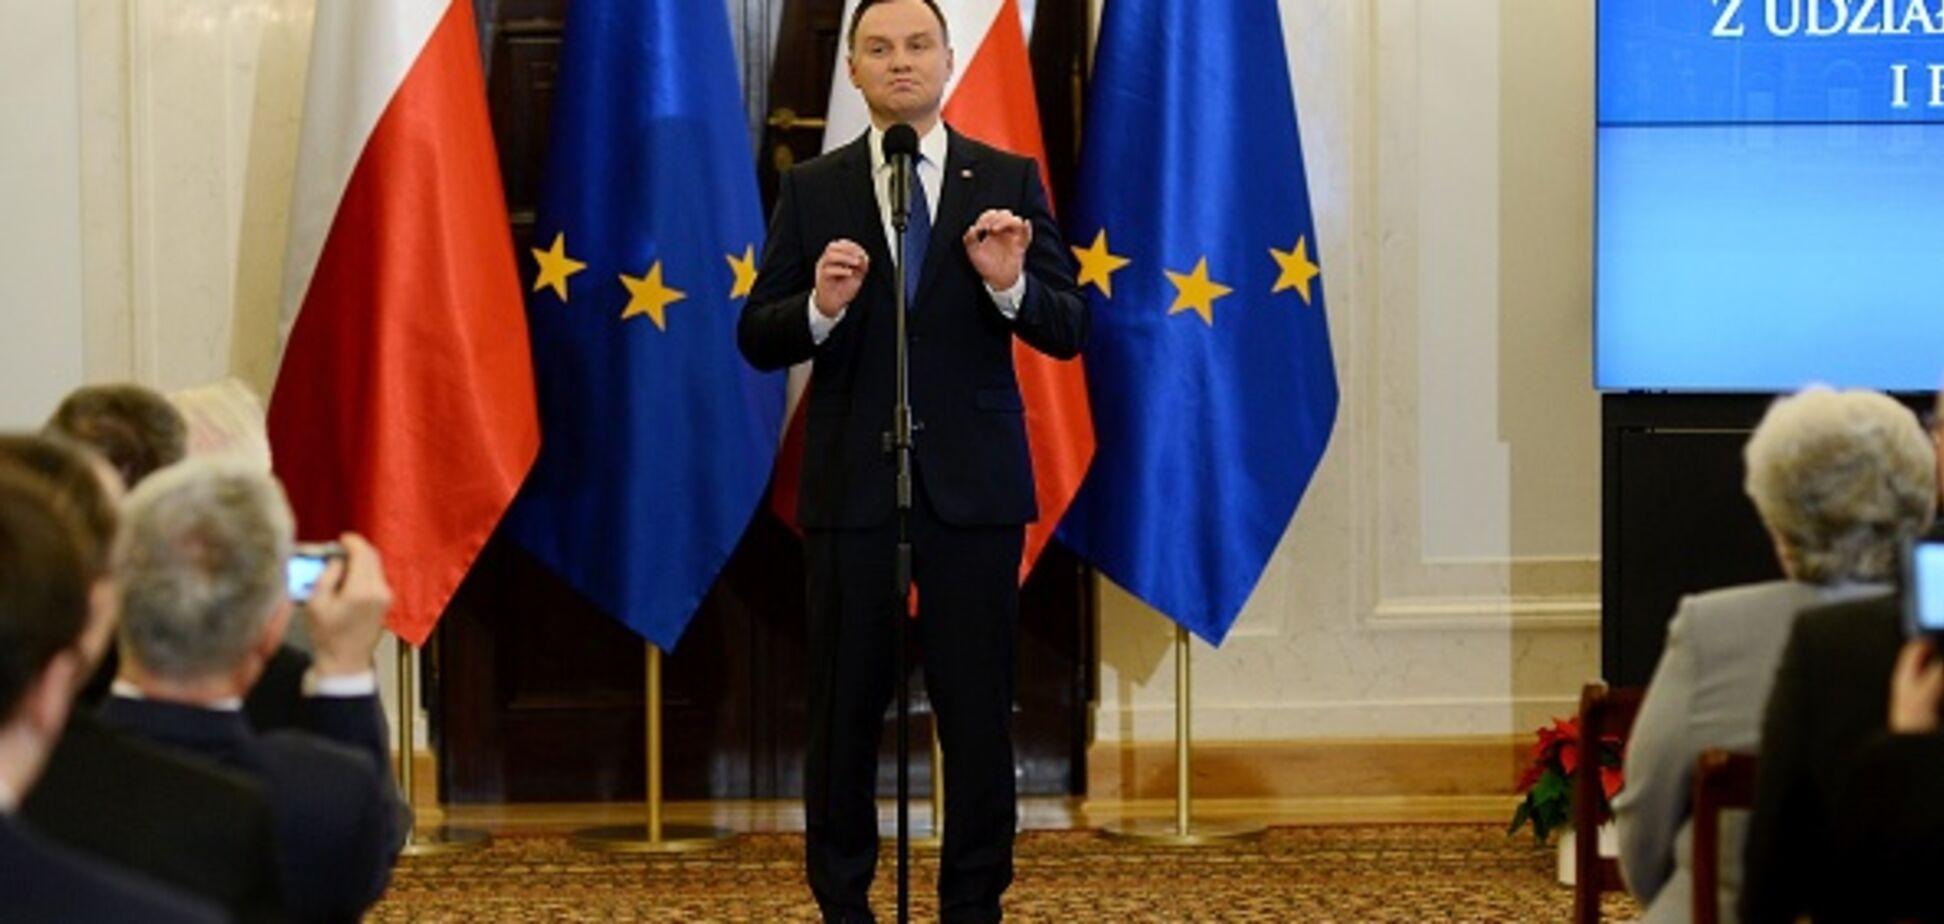 Президент Польщі підписав закон з територіальними претензіями до України